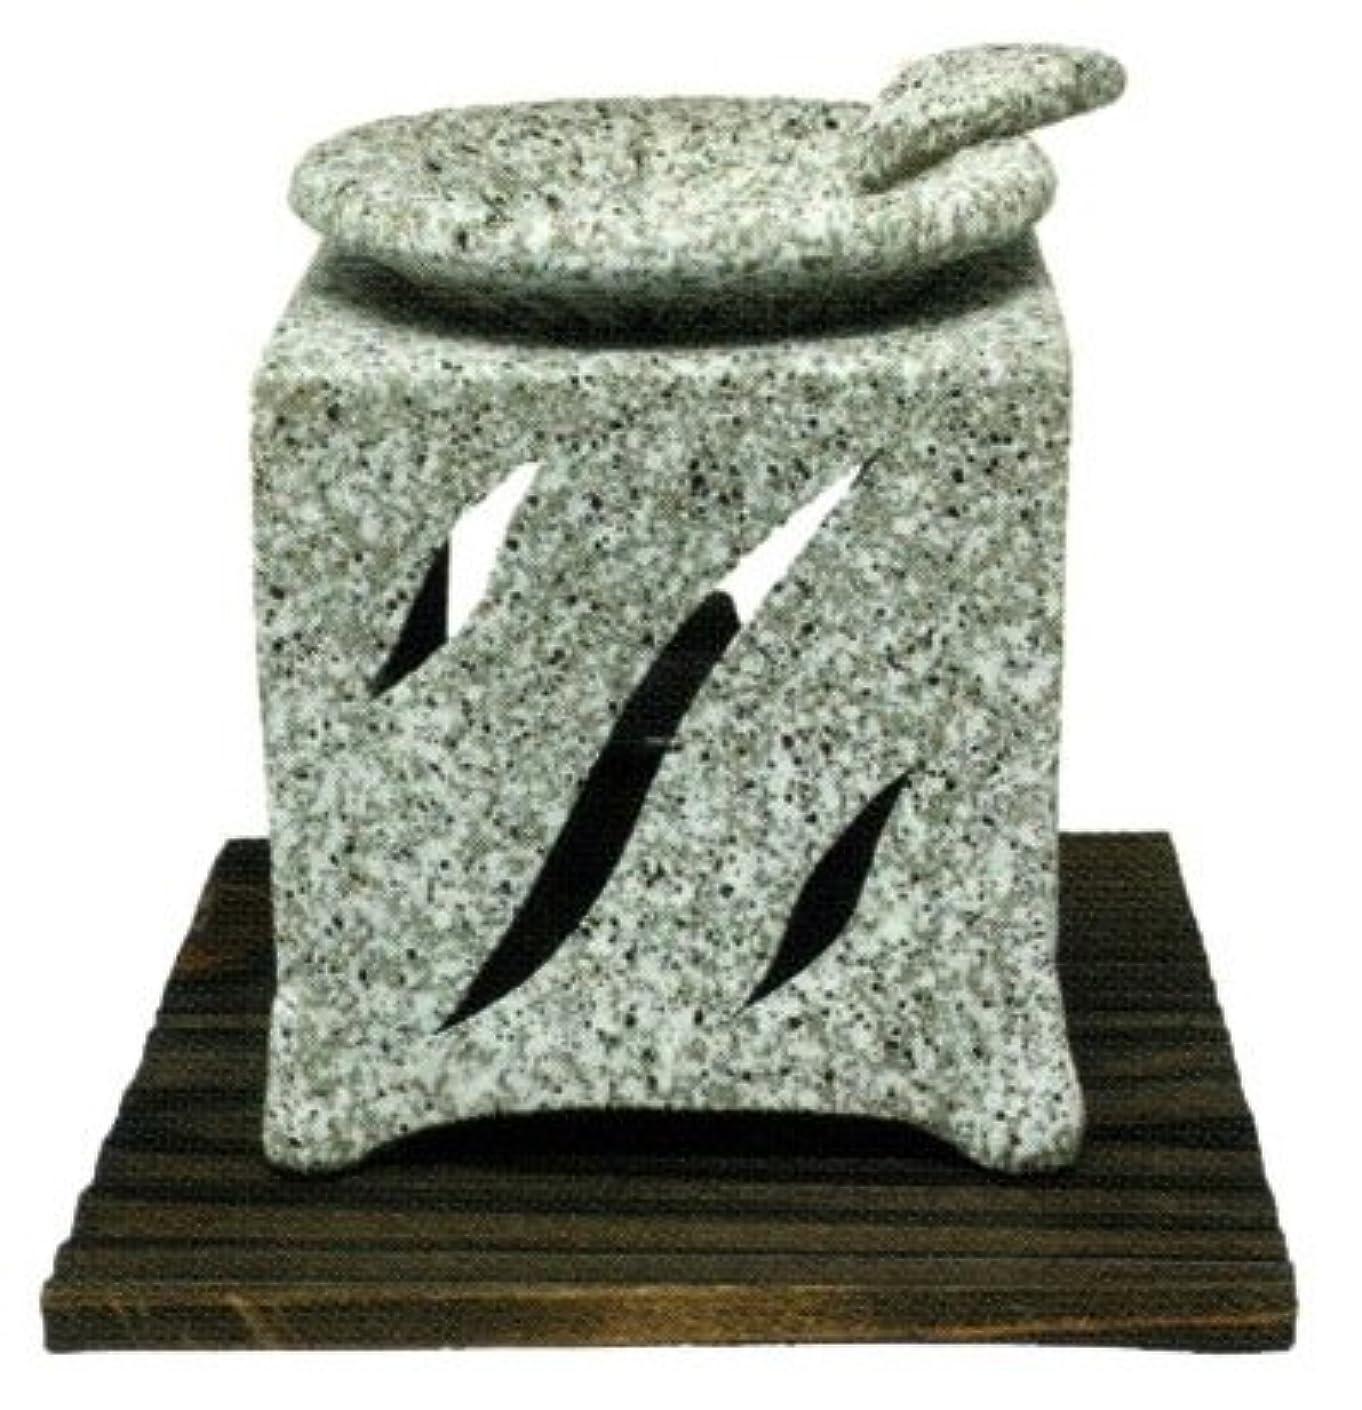 常滑焼?山房窯 カ40-06 茶香炉 杉板付 約10.5×10.5×12.5cm